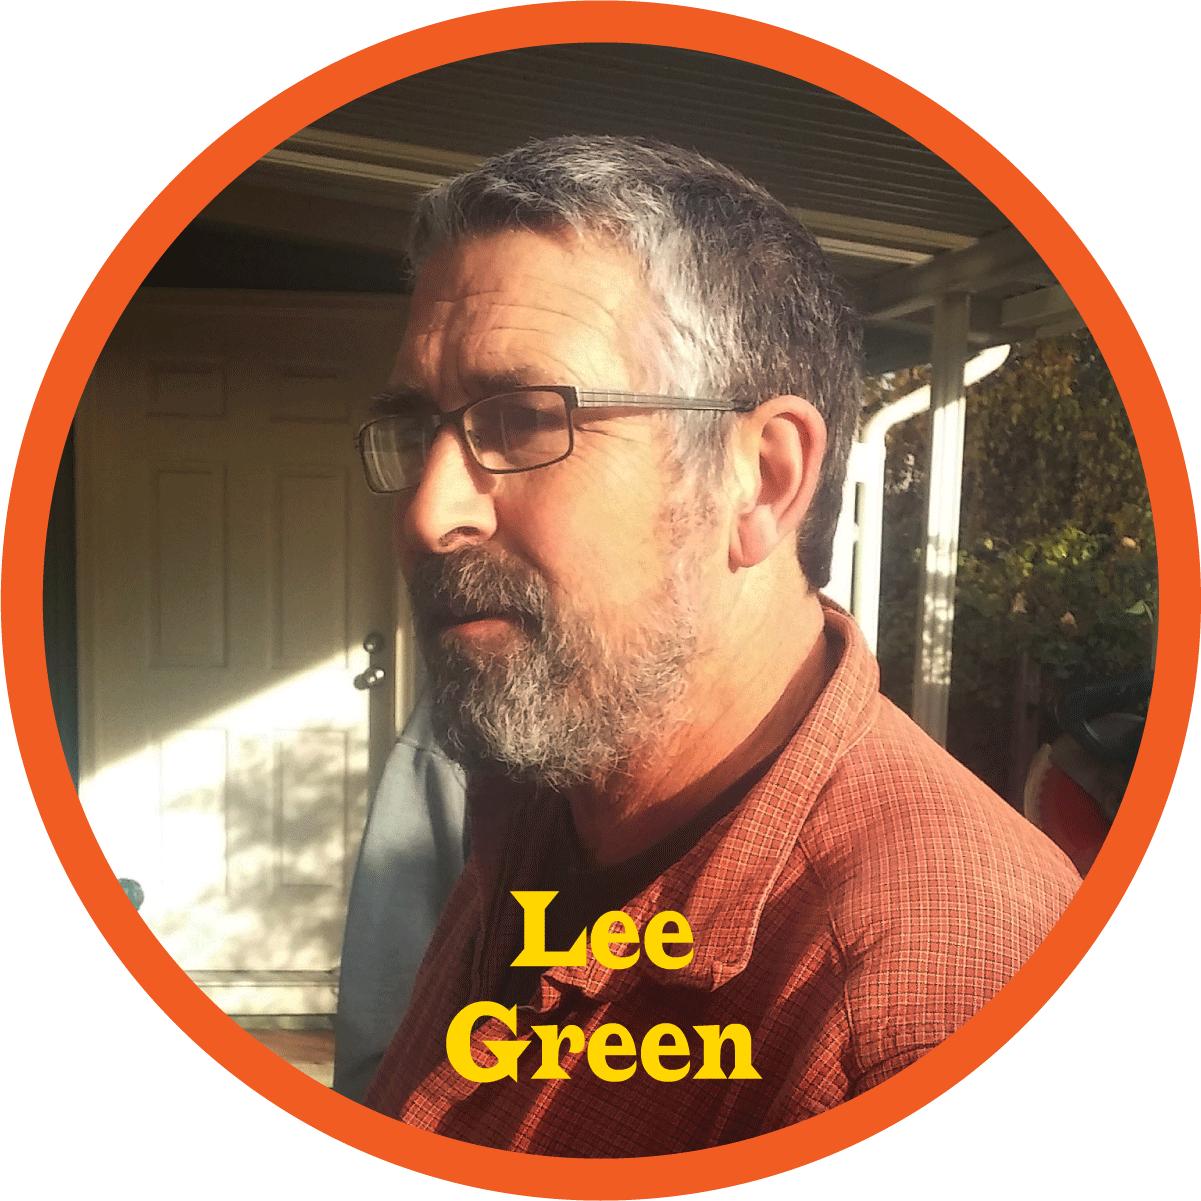 Pookies_website-headshots-Lee-Green_v1.png